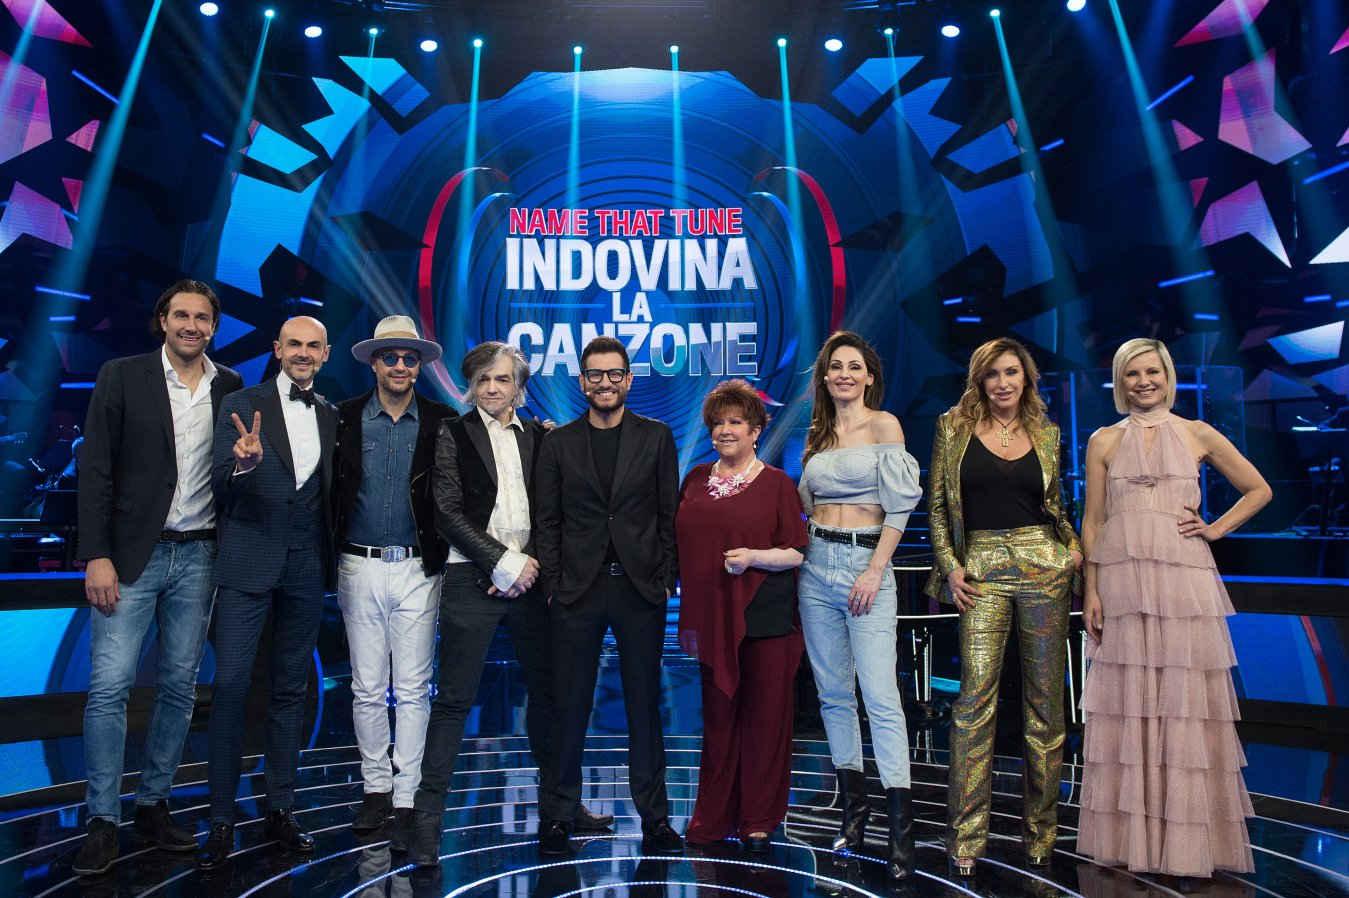 Name That Tune – Indovina La Canzone torna su TV8 con Enrico Papi